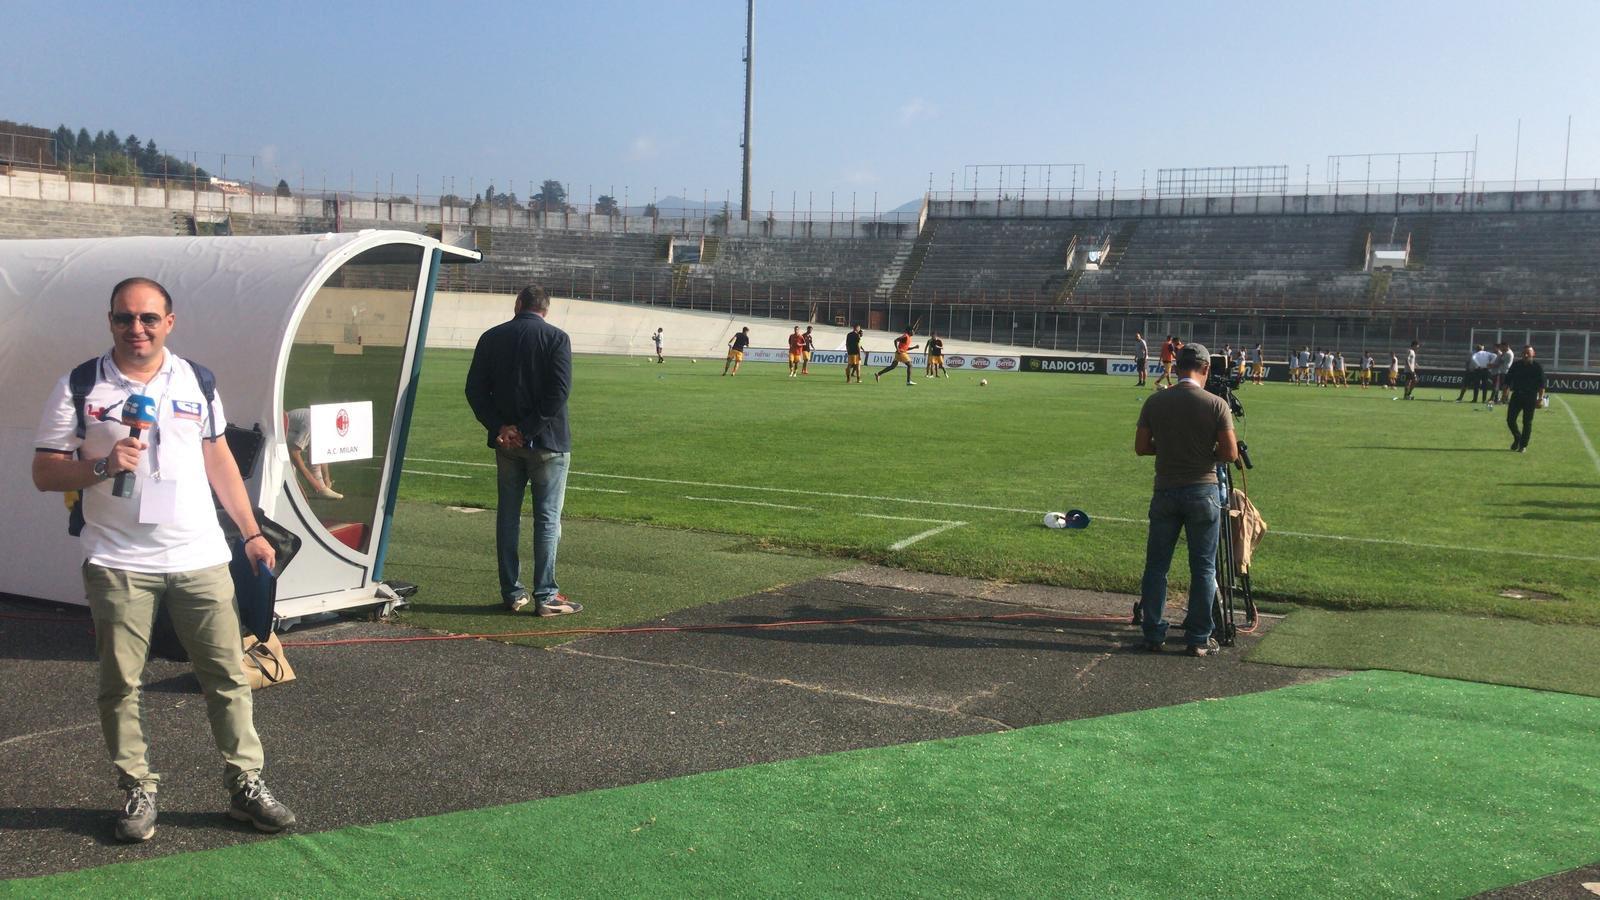 Sportitalia, Calcio 28 - 30 Settembre (Primavera, Serie C, Argentina)